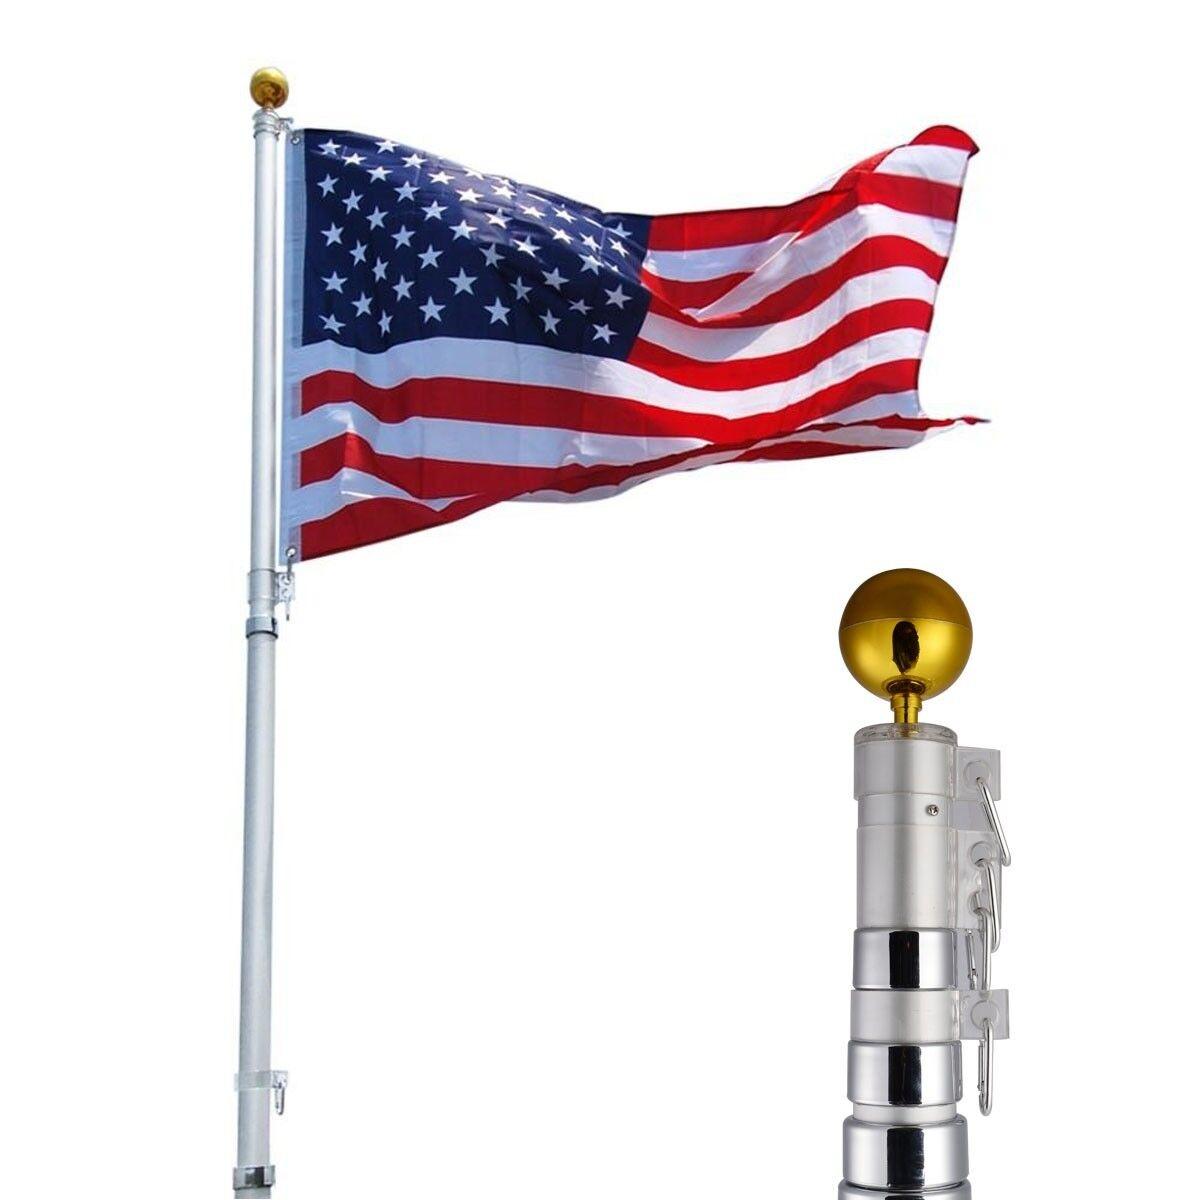 25ft Aluminum Telescoping Flagpole Kit Outdoor Gold ...